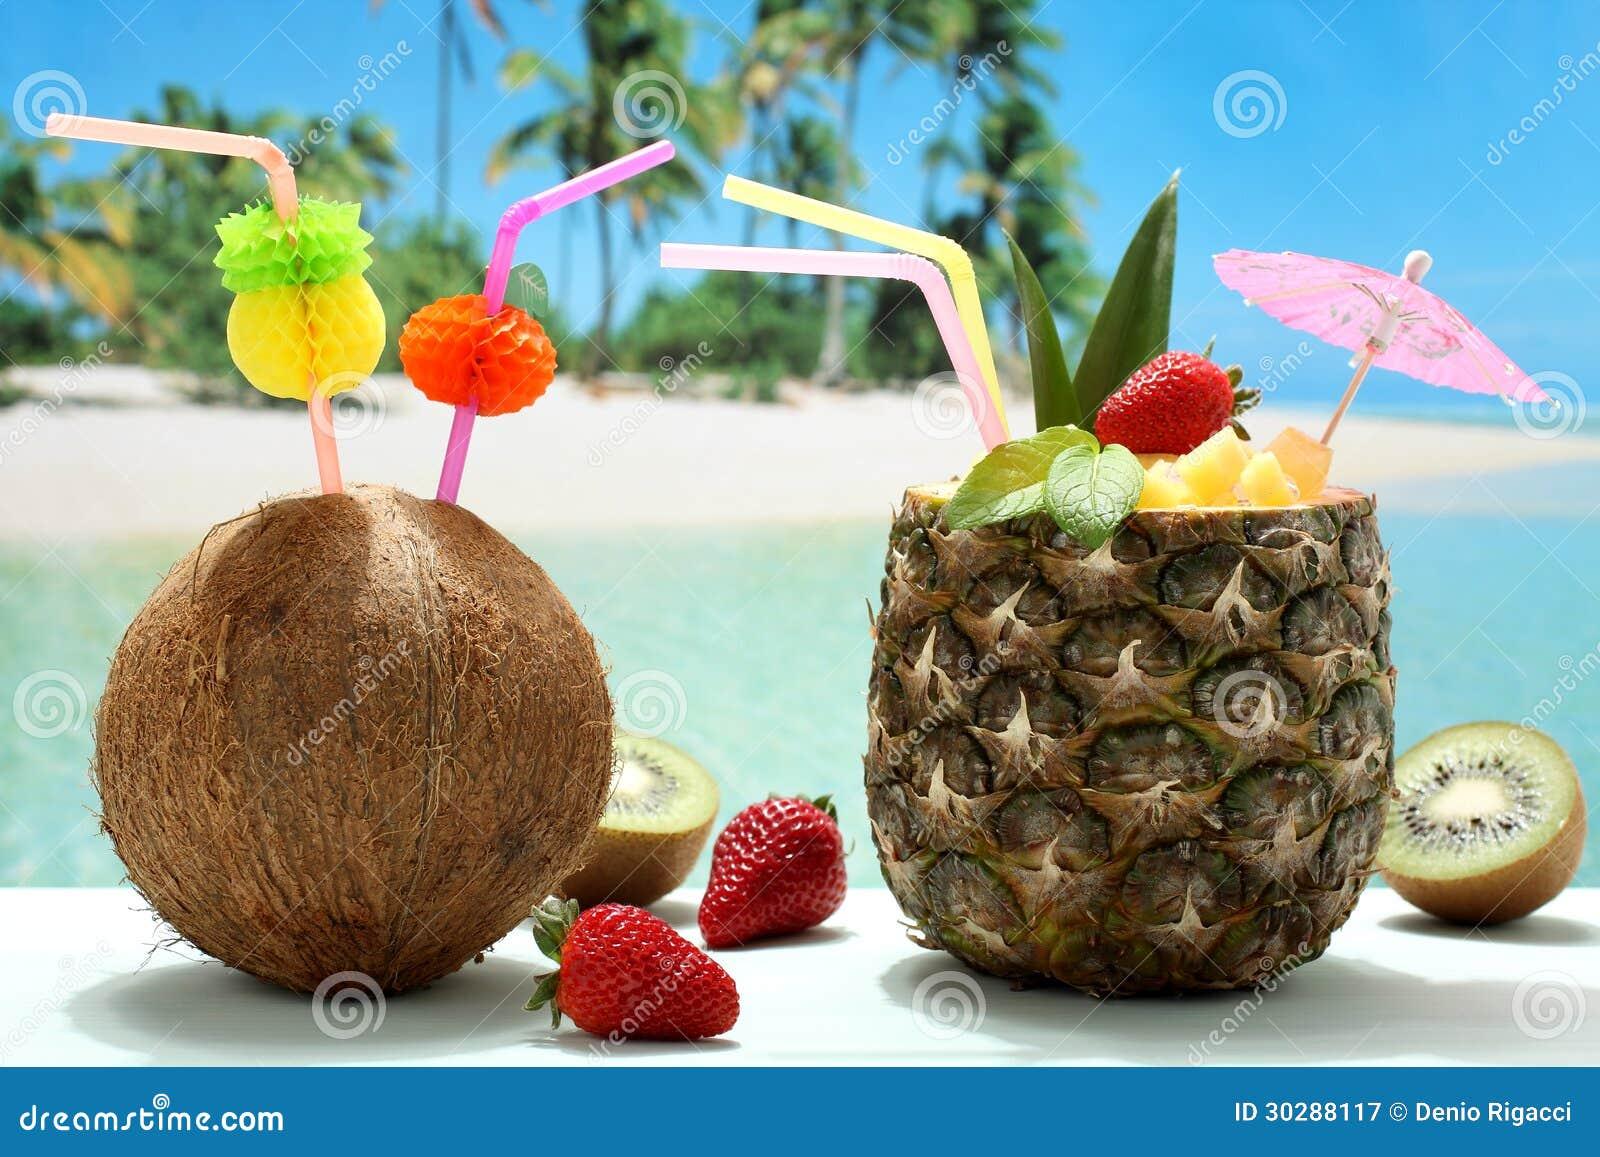 sommercocktails kokosnuss und ananas auf dem strand. Black Bedroom Furniture Sets. Home Design Ideas